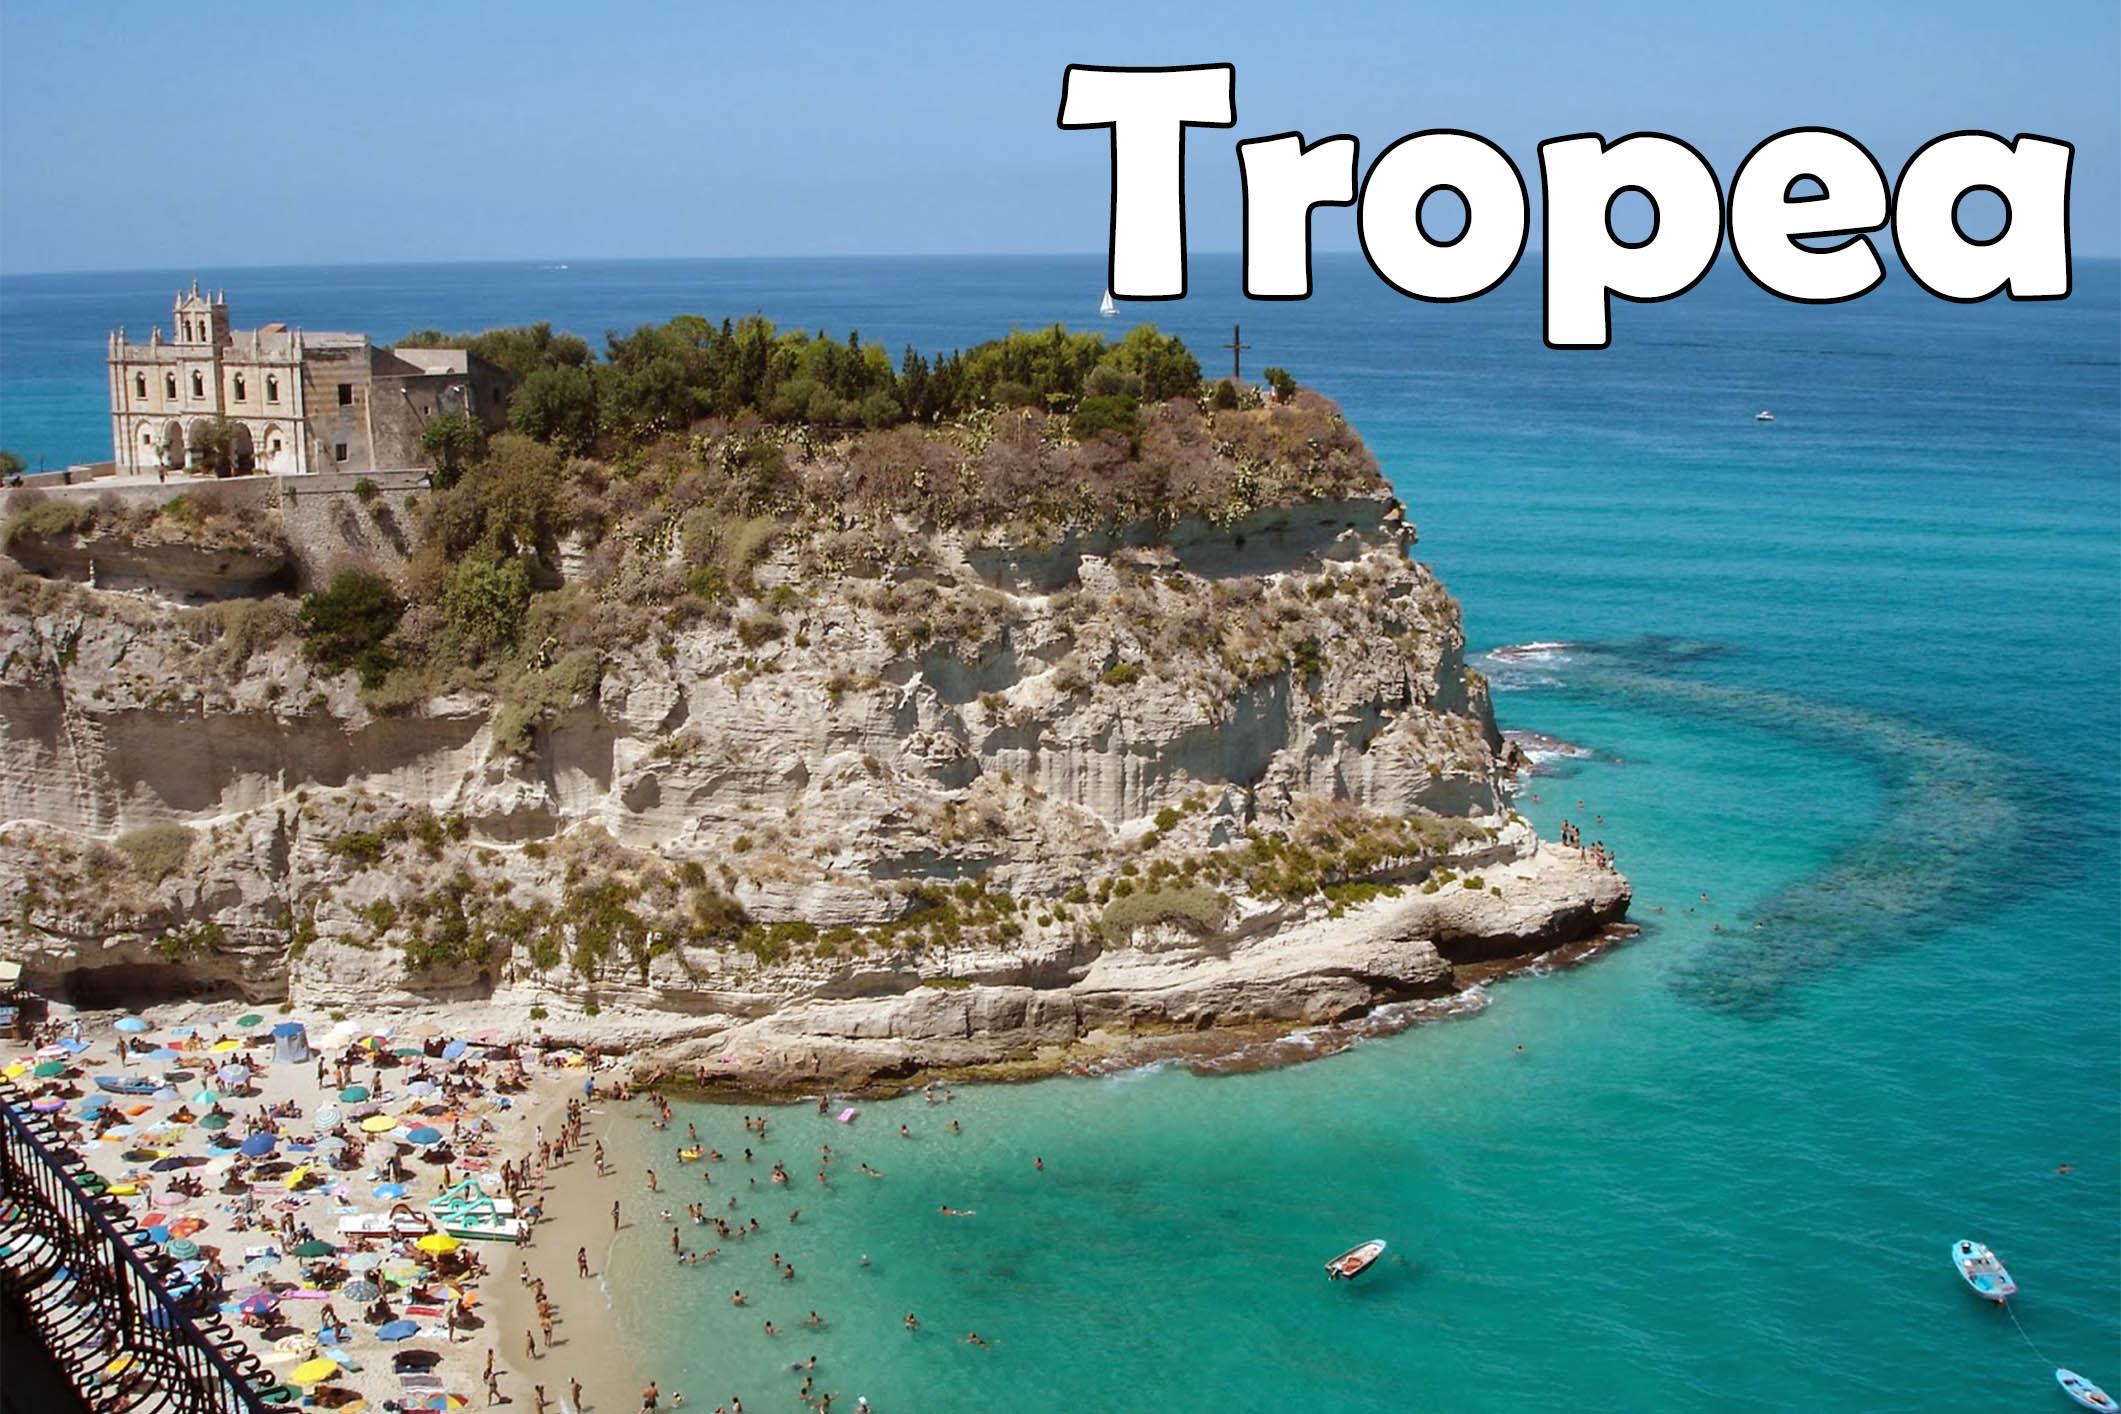 tropea-itinerario-guida-turistica-calabria